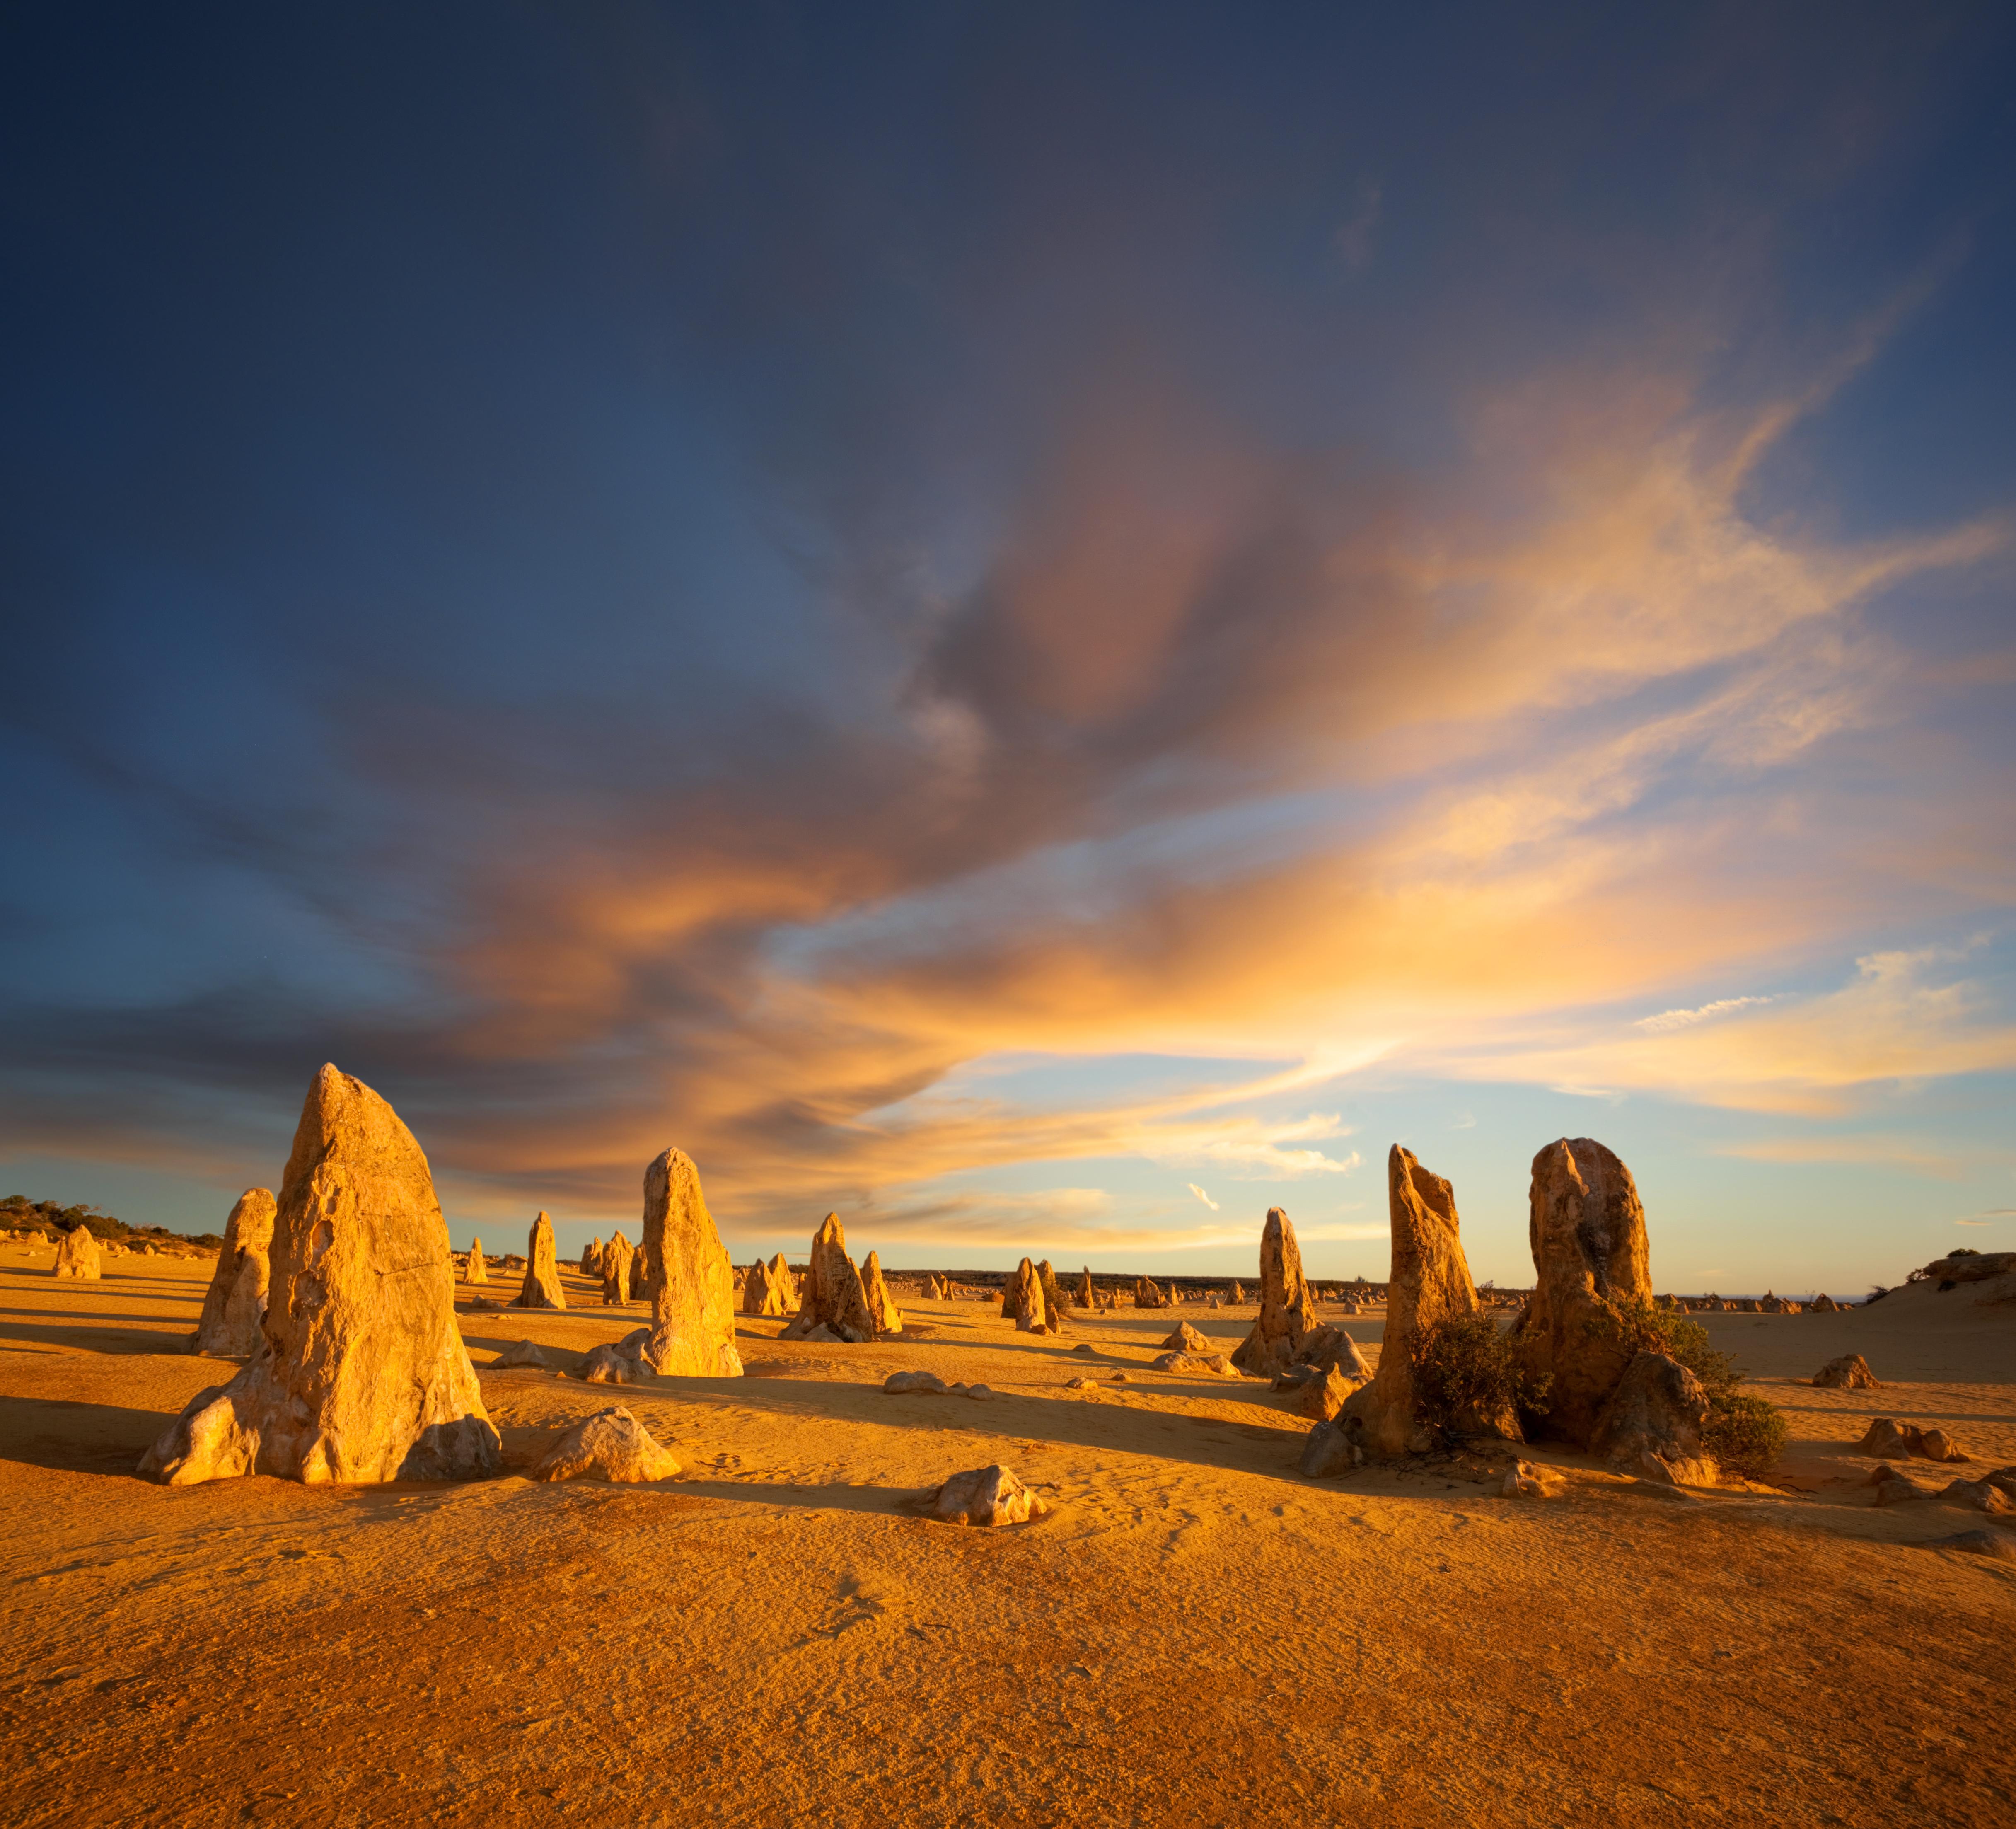 An image of Pinnacles in Western Australia